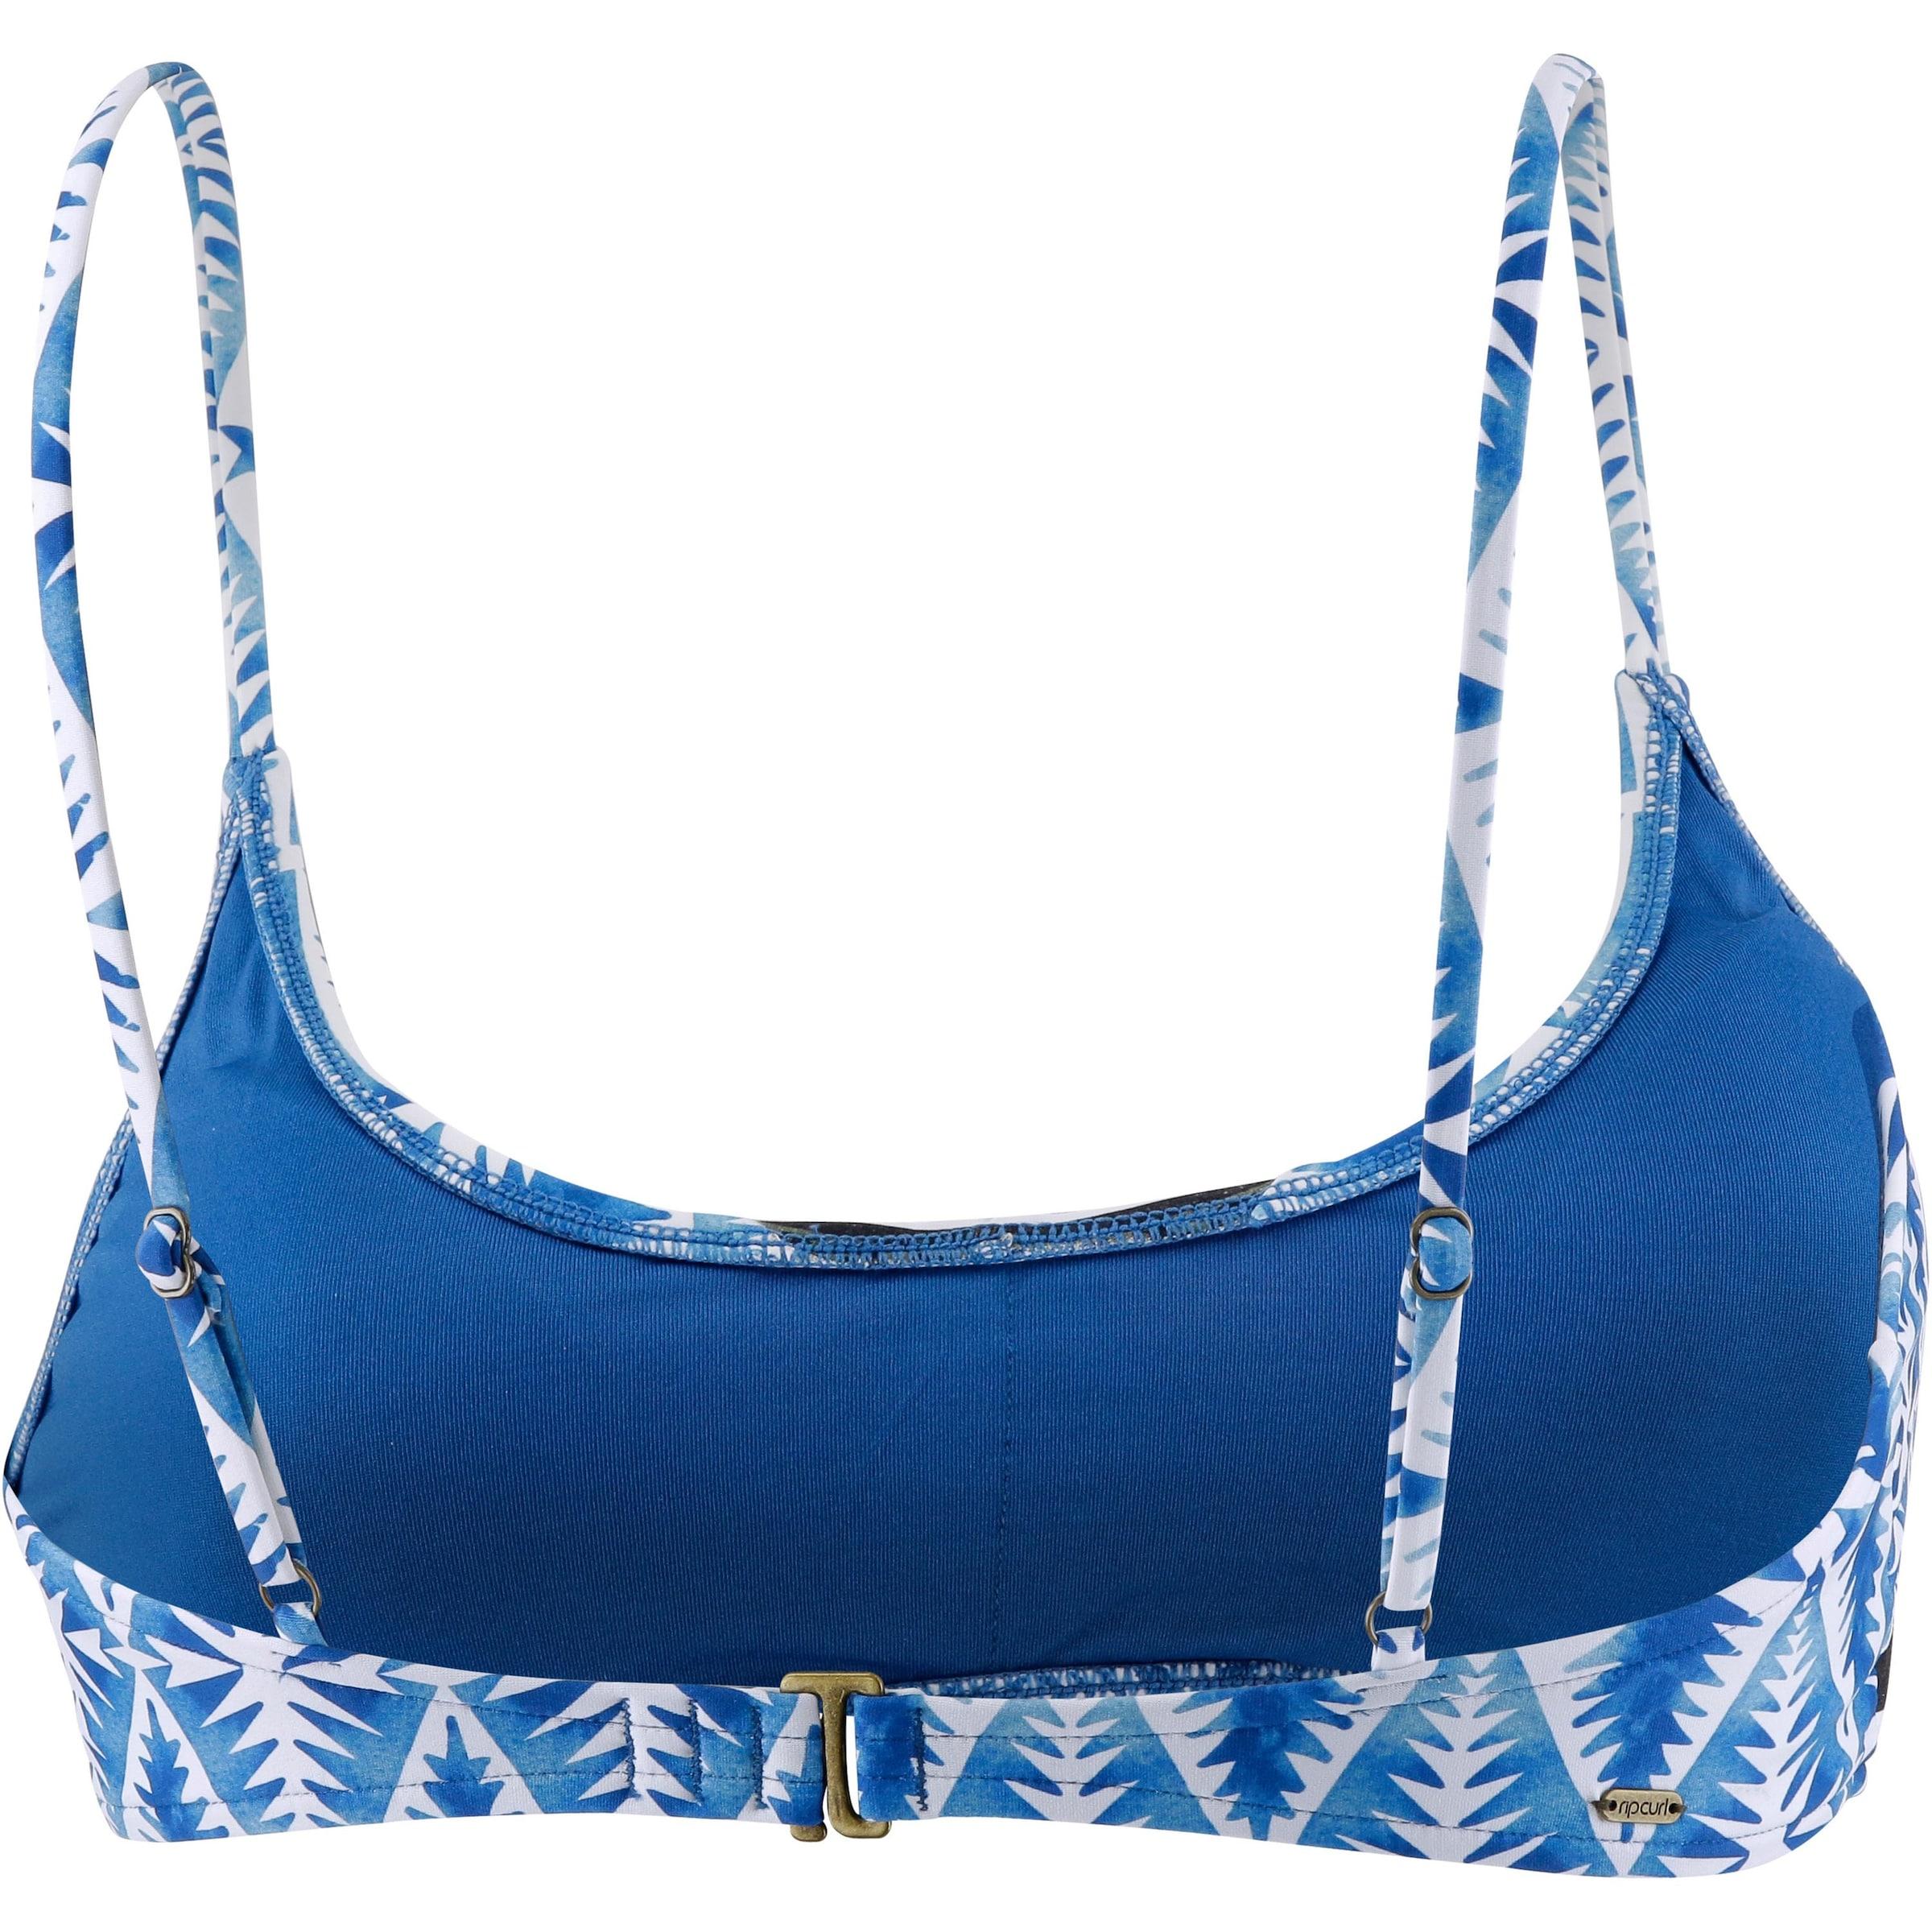 Kauf Verkauf Online RIP CURL 'Beach Bazaar' Bikini Oberteil Damen Freiheit Genießen Auslass Bestseller Günstig Kaufen Niedrigen Preis Versandkosten Für Günstig Kaufen Neueste O0dMnRp